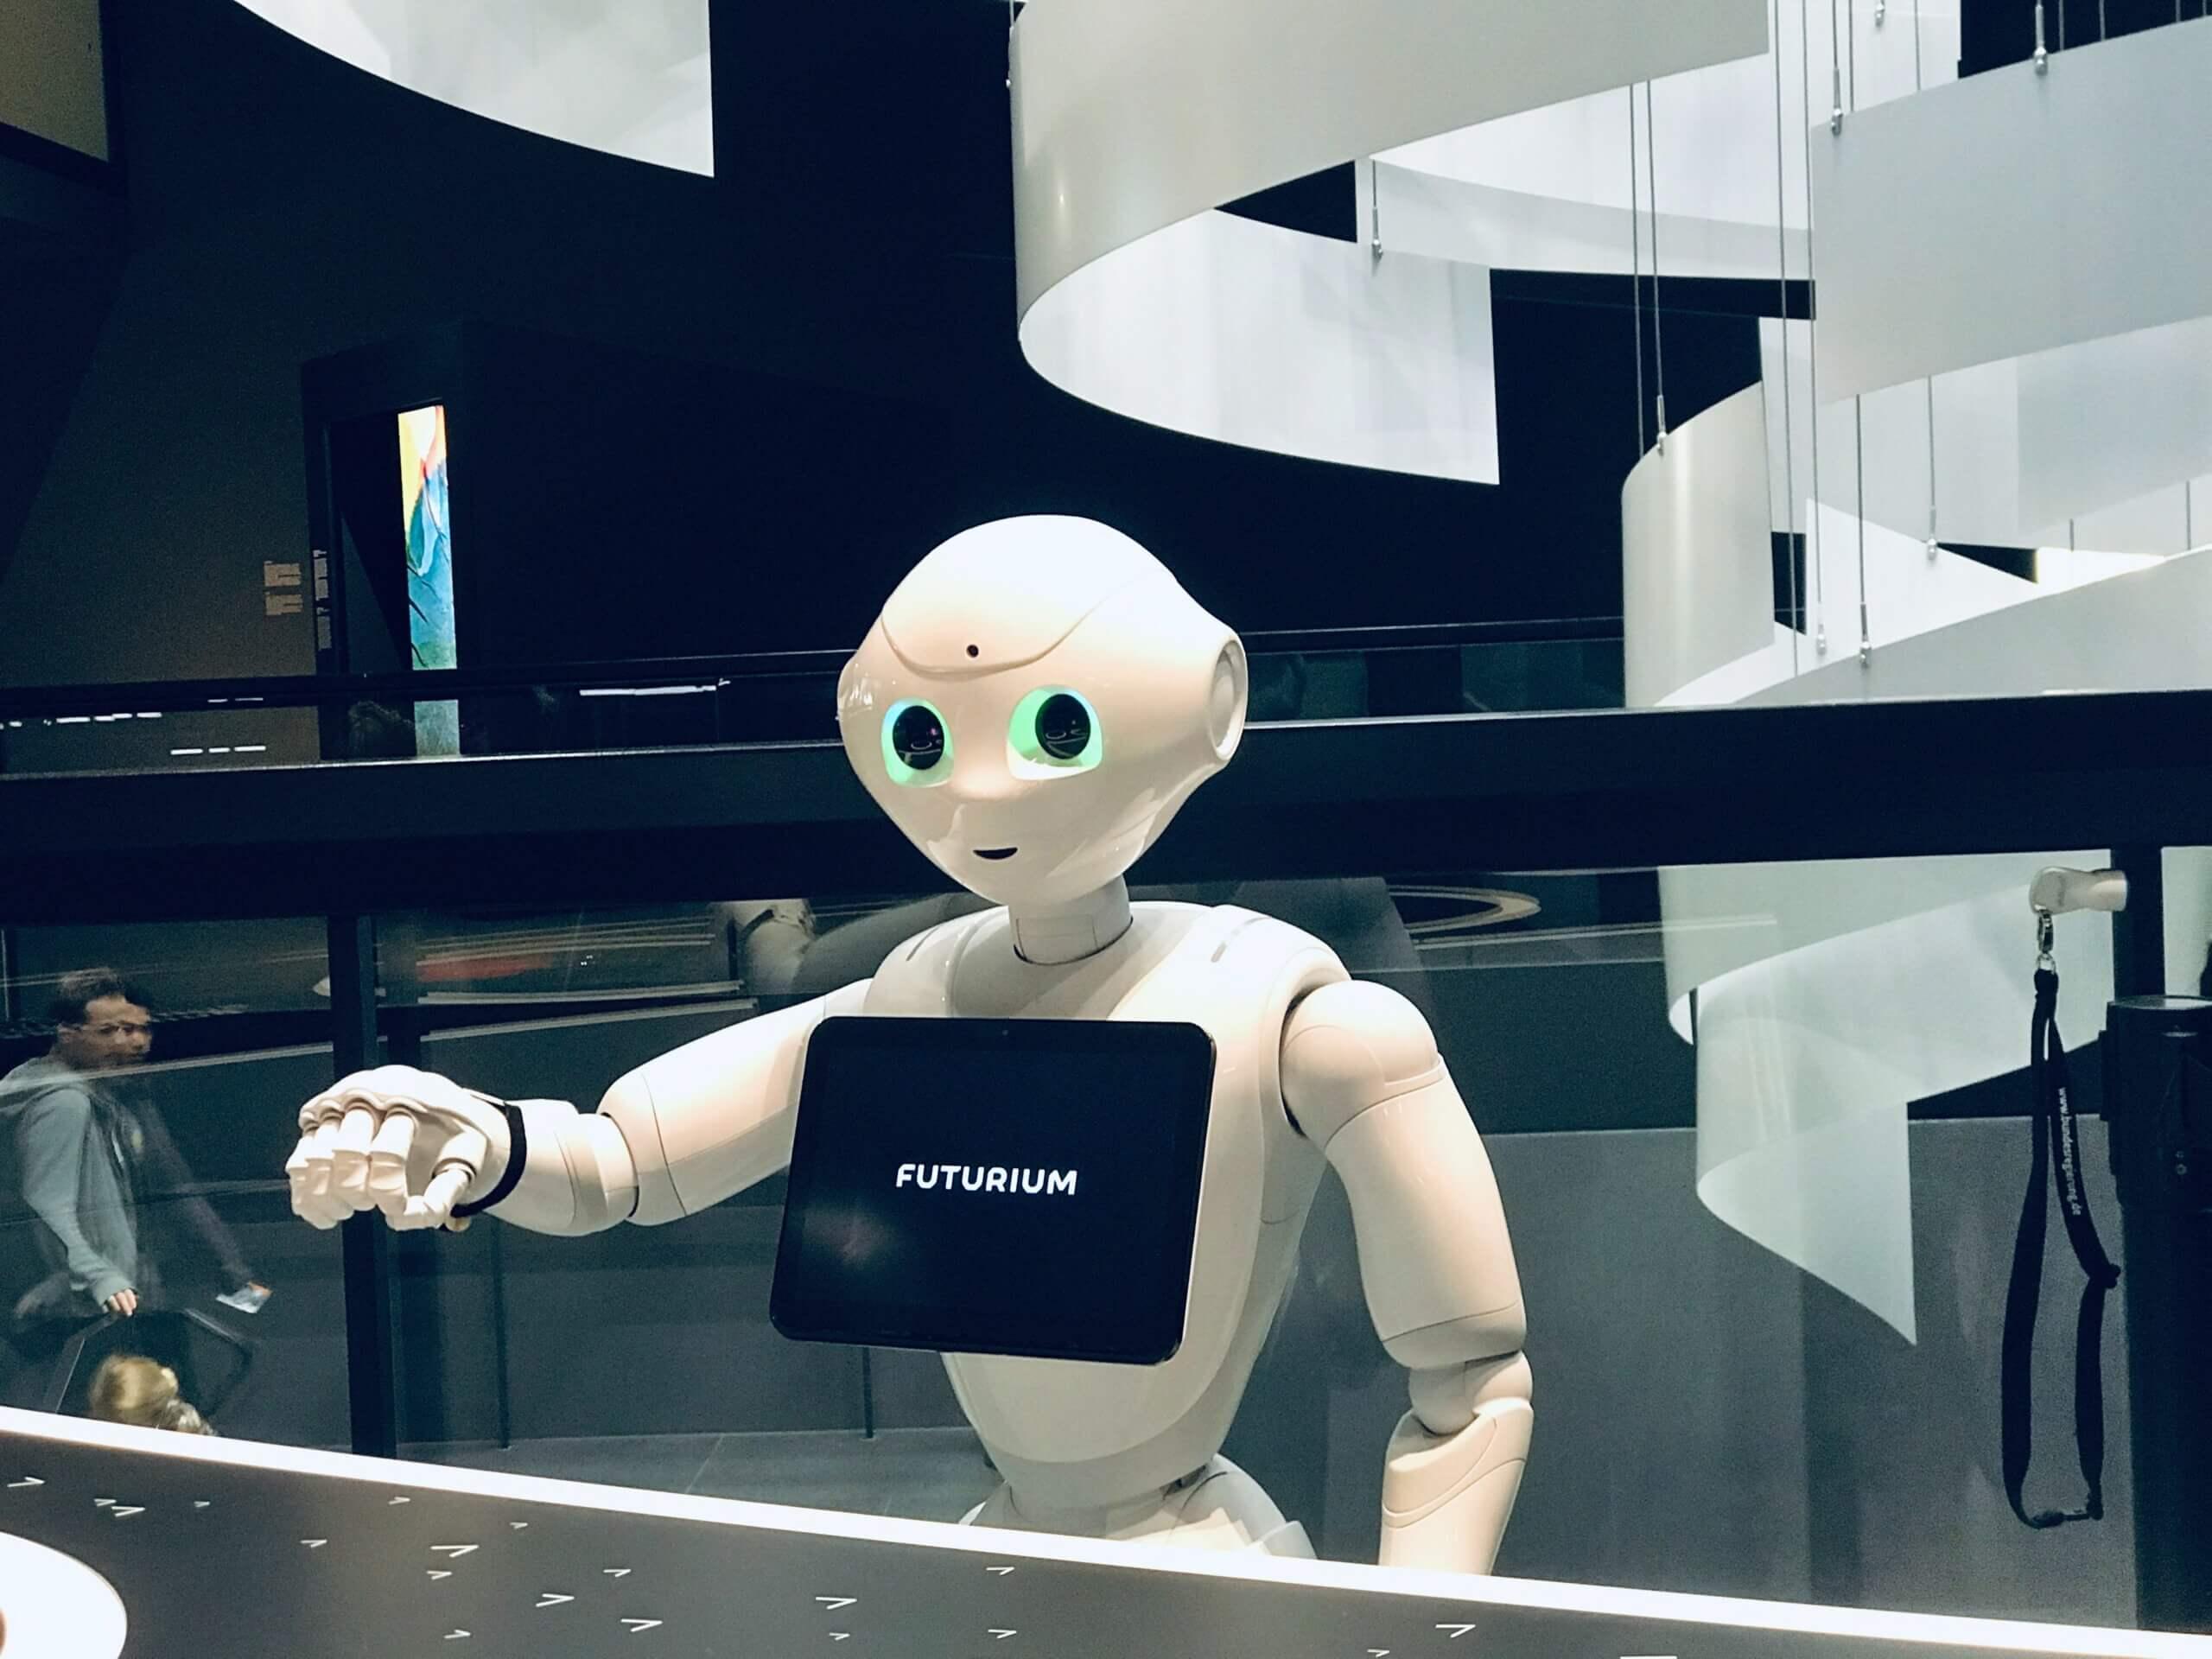 De robotredacteur: hoe kunstmatige intelligentie de redactievloer verandert